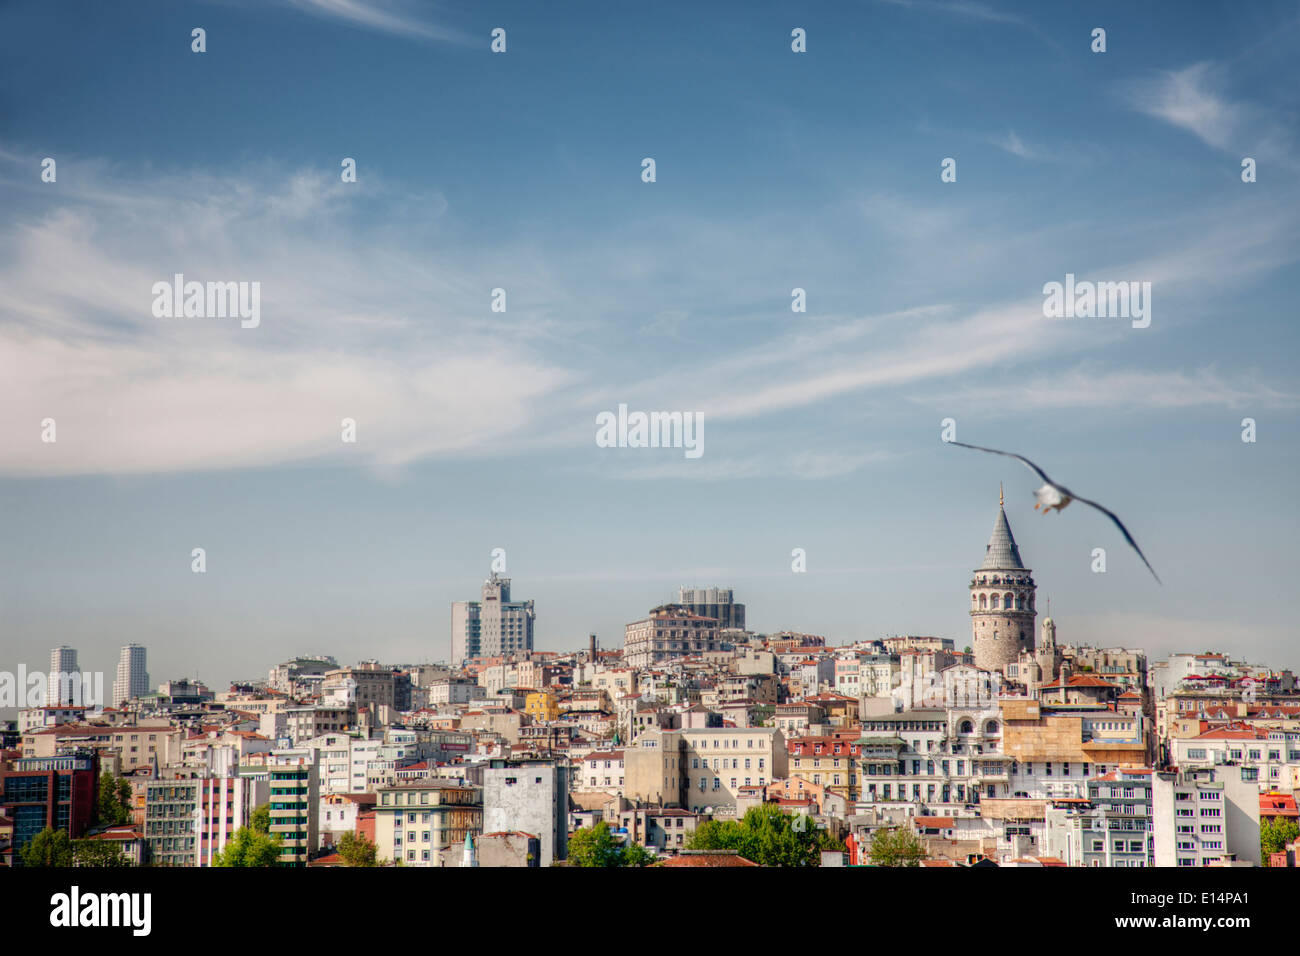 Skyline von Istanbul unter blauem Himmel, Türkei Stockbild